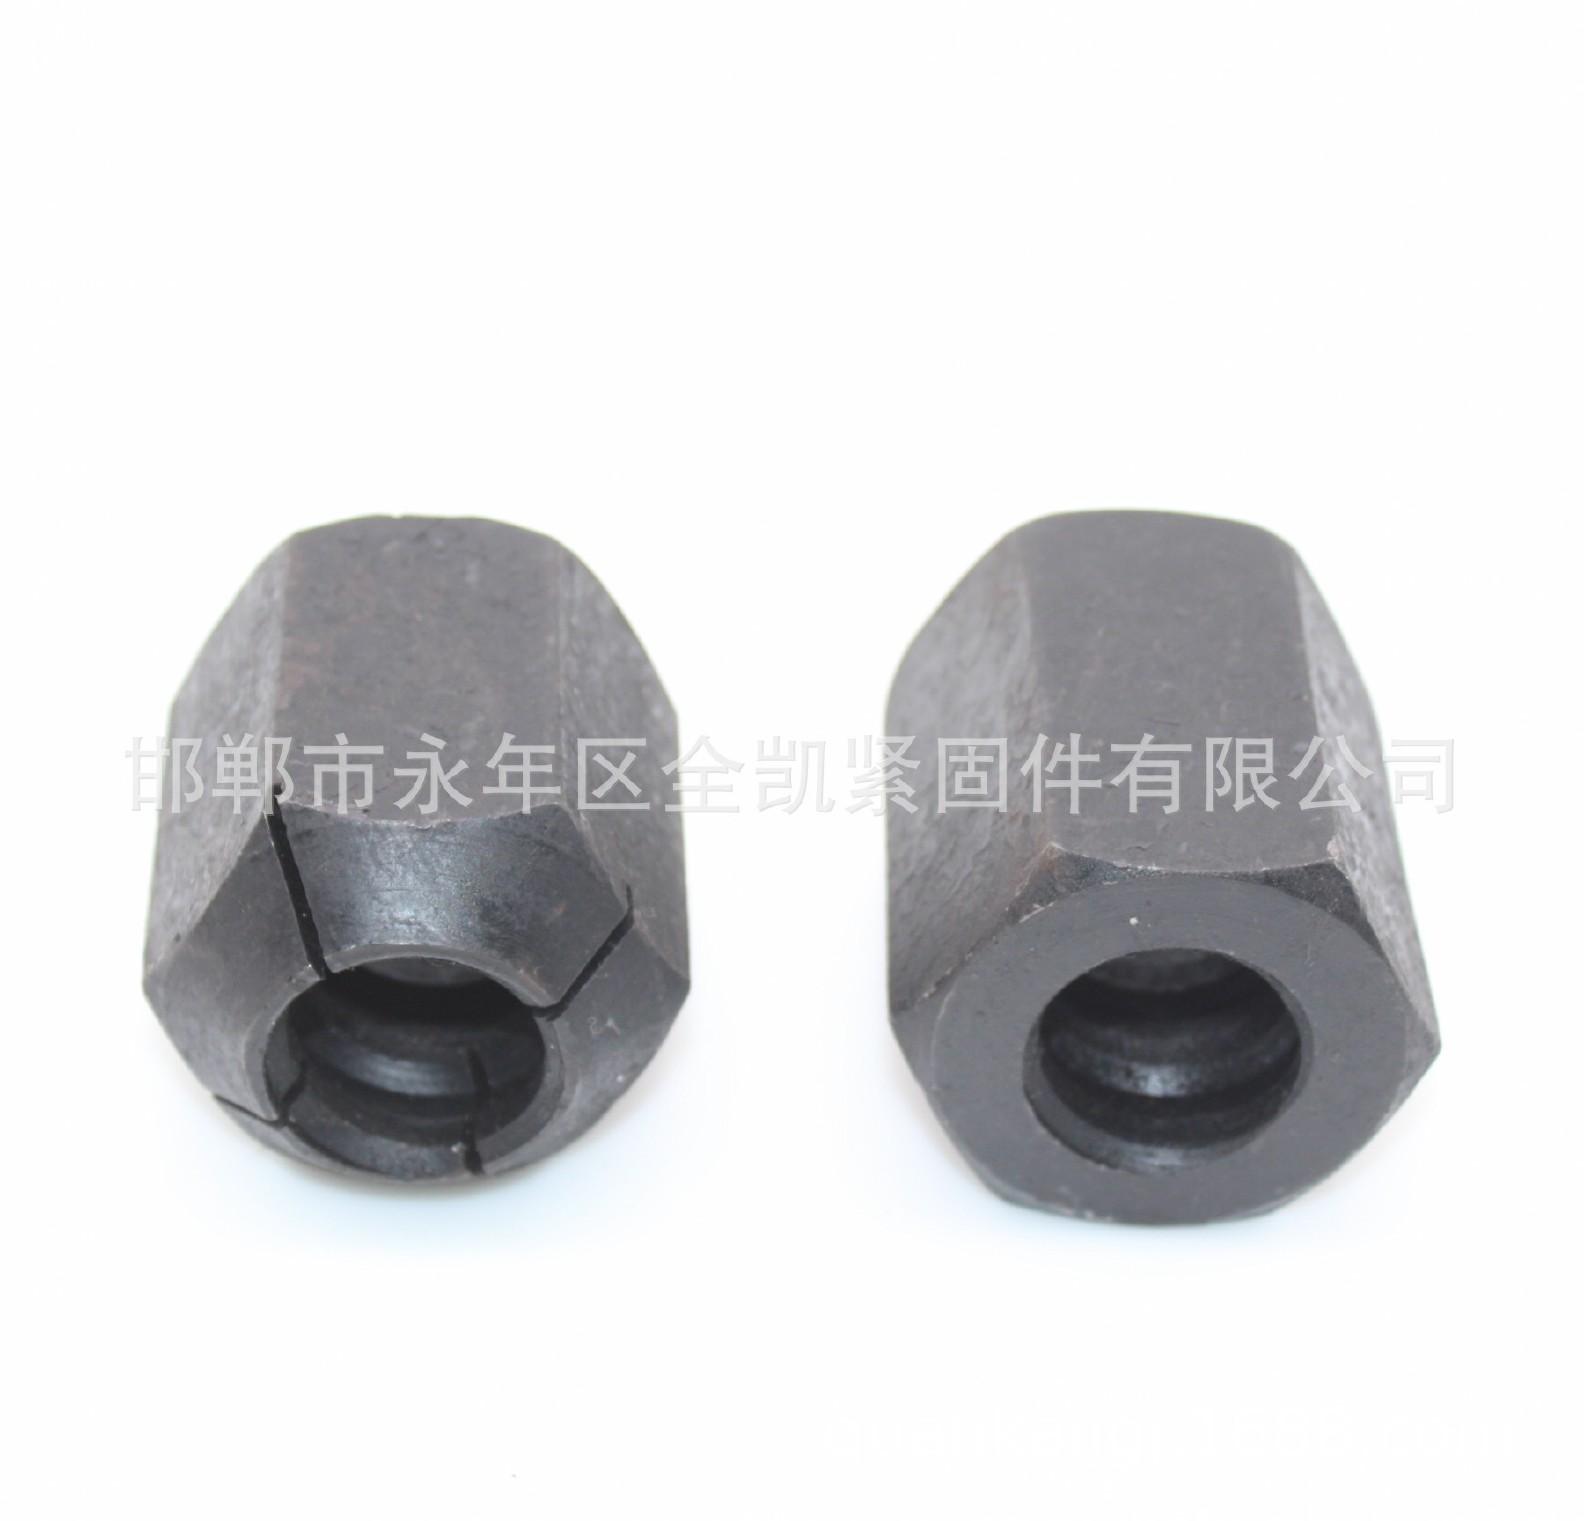 廠家直銷預埋套筒抗震鋼筋多種規格螺紋鋼緊固件現貨供應